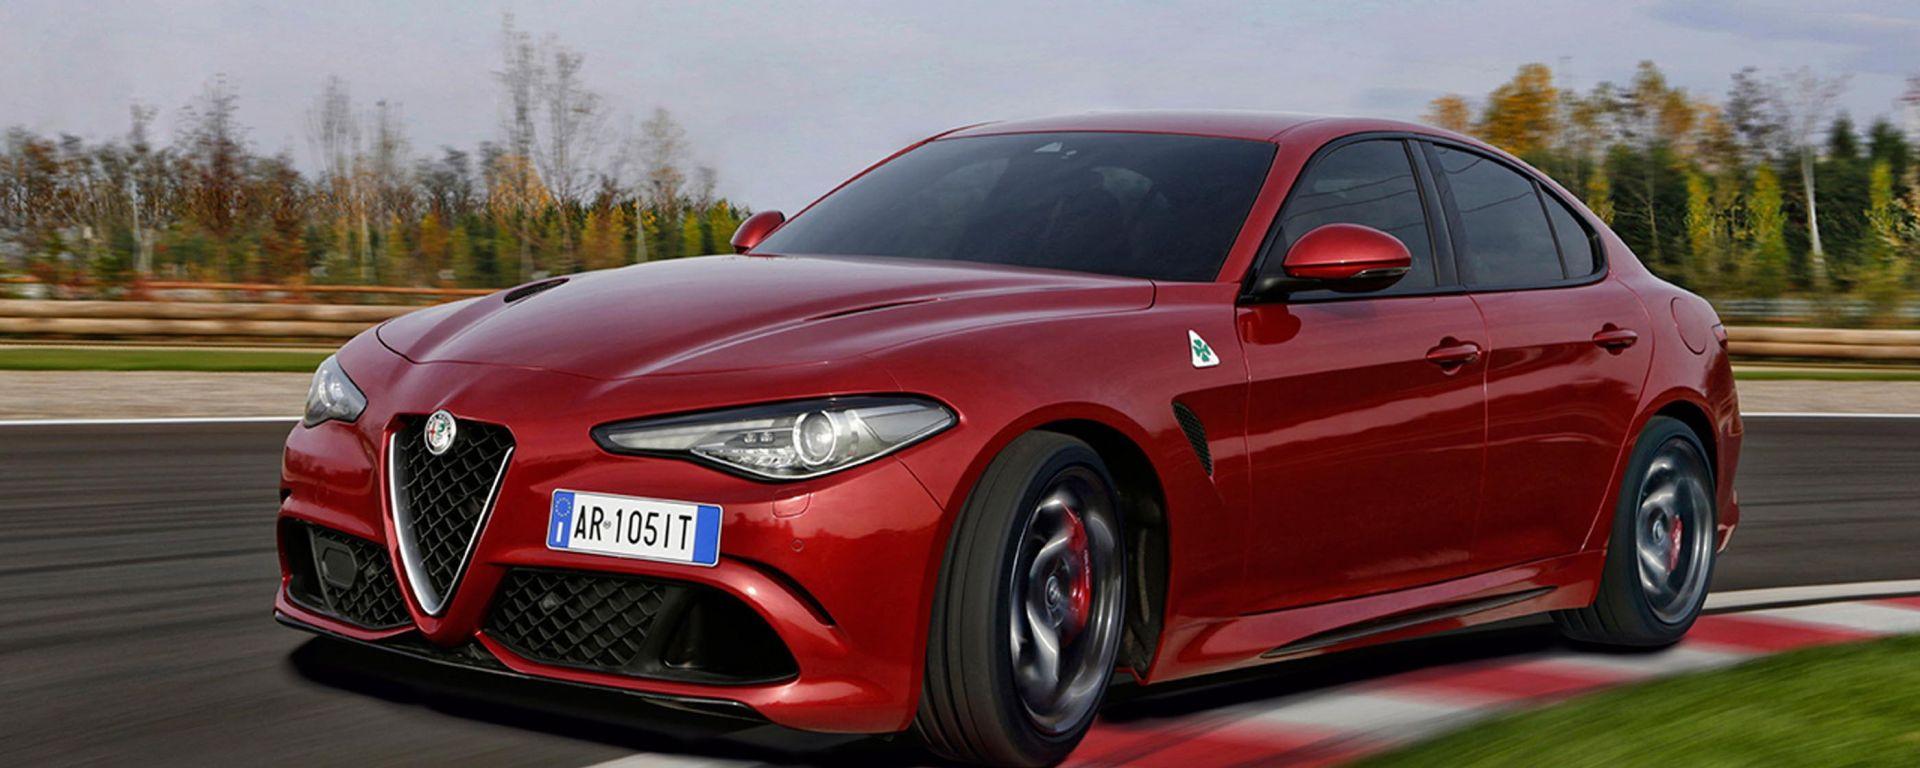 Alfa Romeo Giulia Quadrifoglio: ora disponibile anche col cambio automatico 8 rapporti